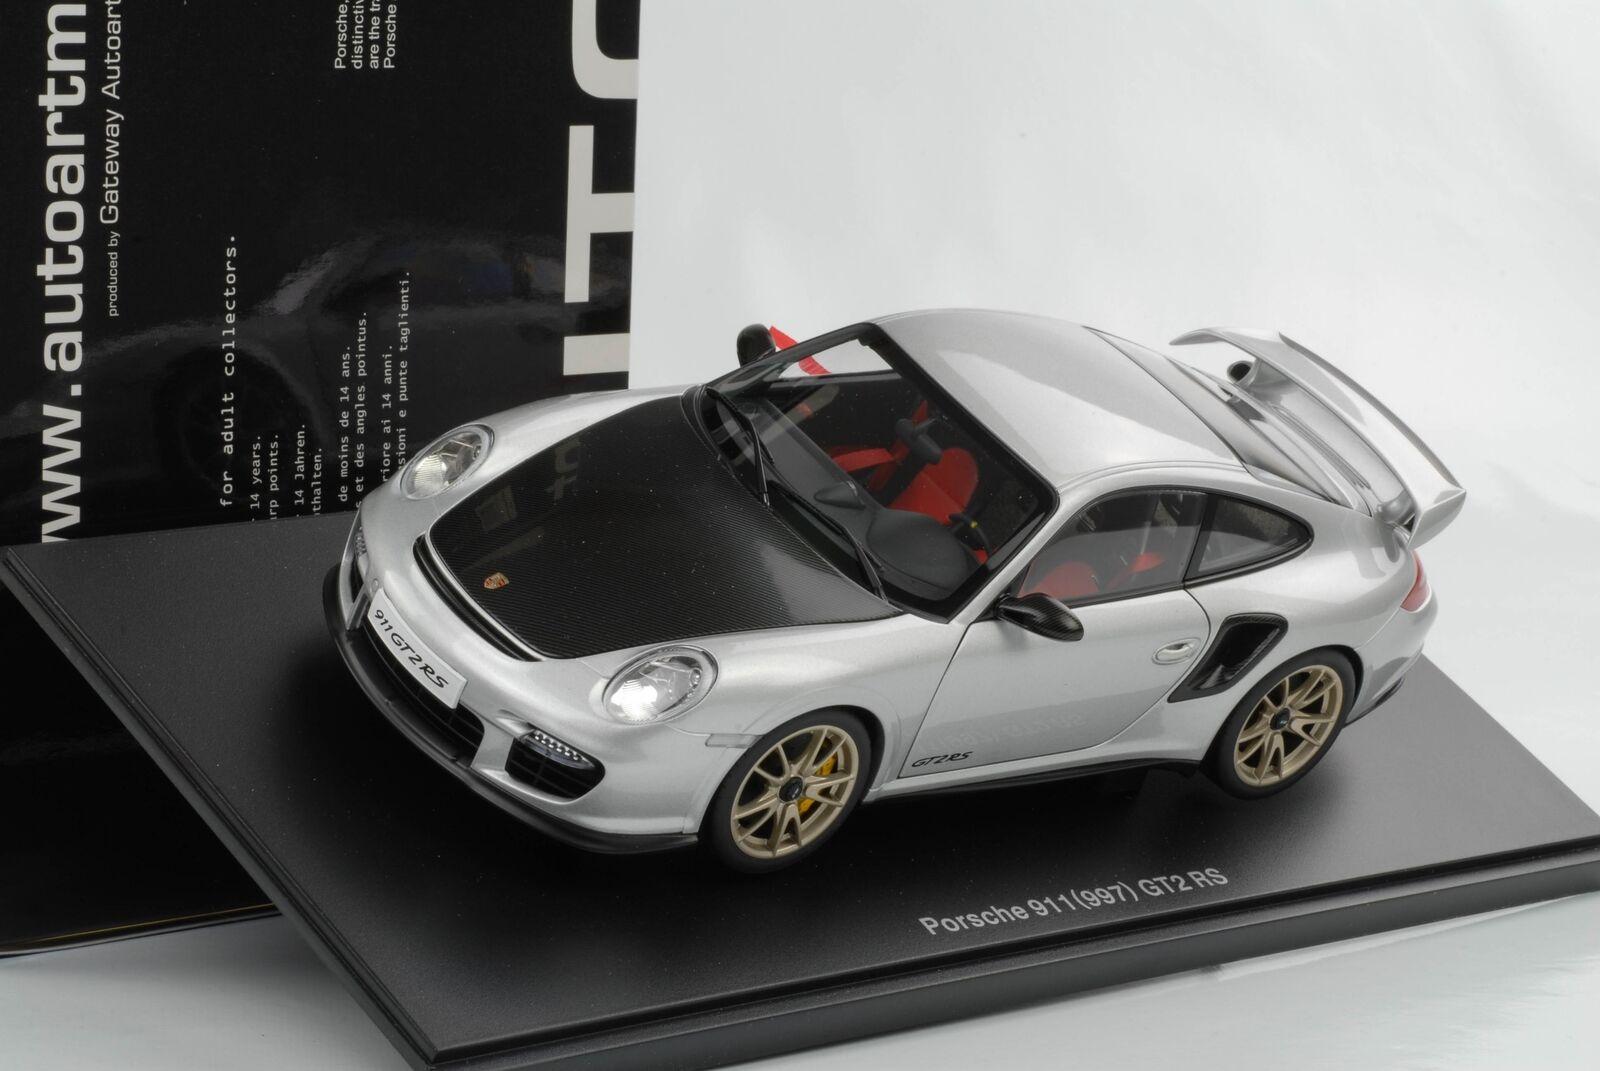 precioso Gt2 RS Porsche 911 997 2010 plata Cochebon DIECAST DIECAST DIECAST 1 18 Autoart OVP 77961  los nuevos estilos calientes